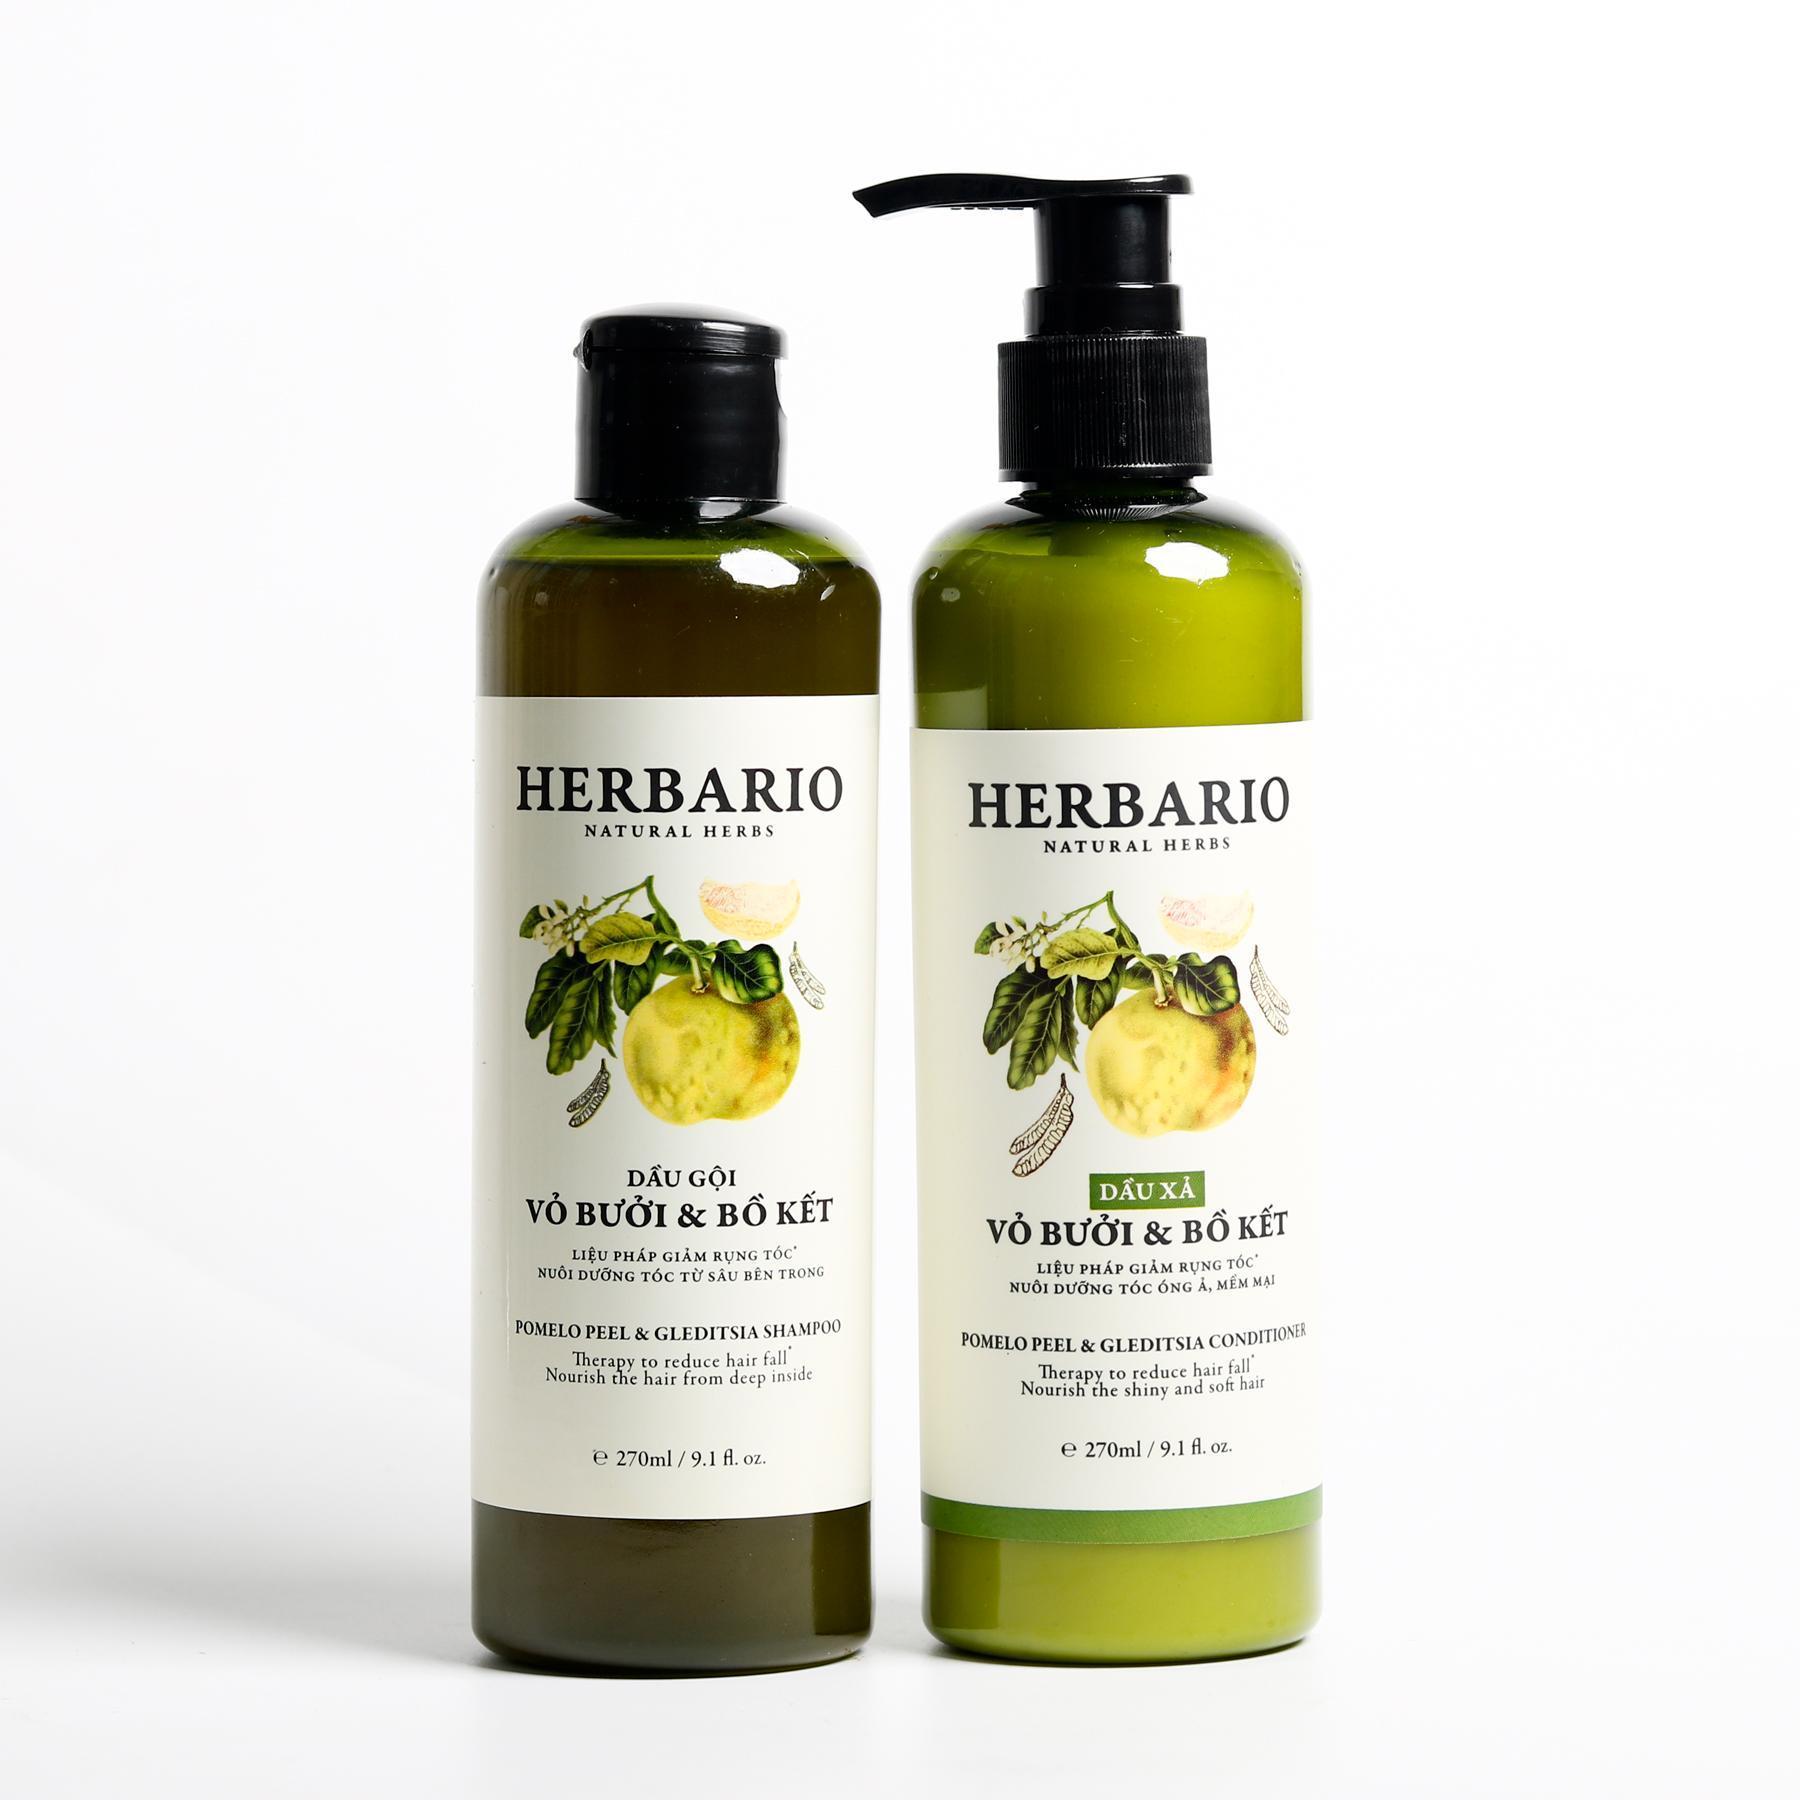 Combo DẦU GỘI và DẦU XẢ vỏ bưởi và bồ kết Herbario 270ml x 2 giúp chăm sóc tóc nhập khẩu